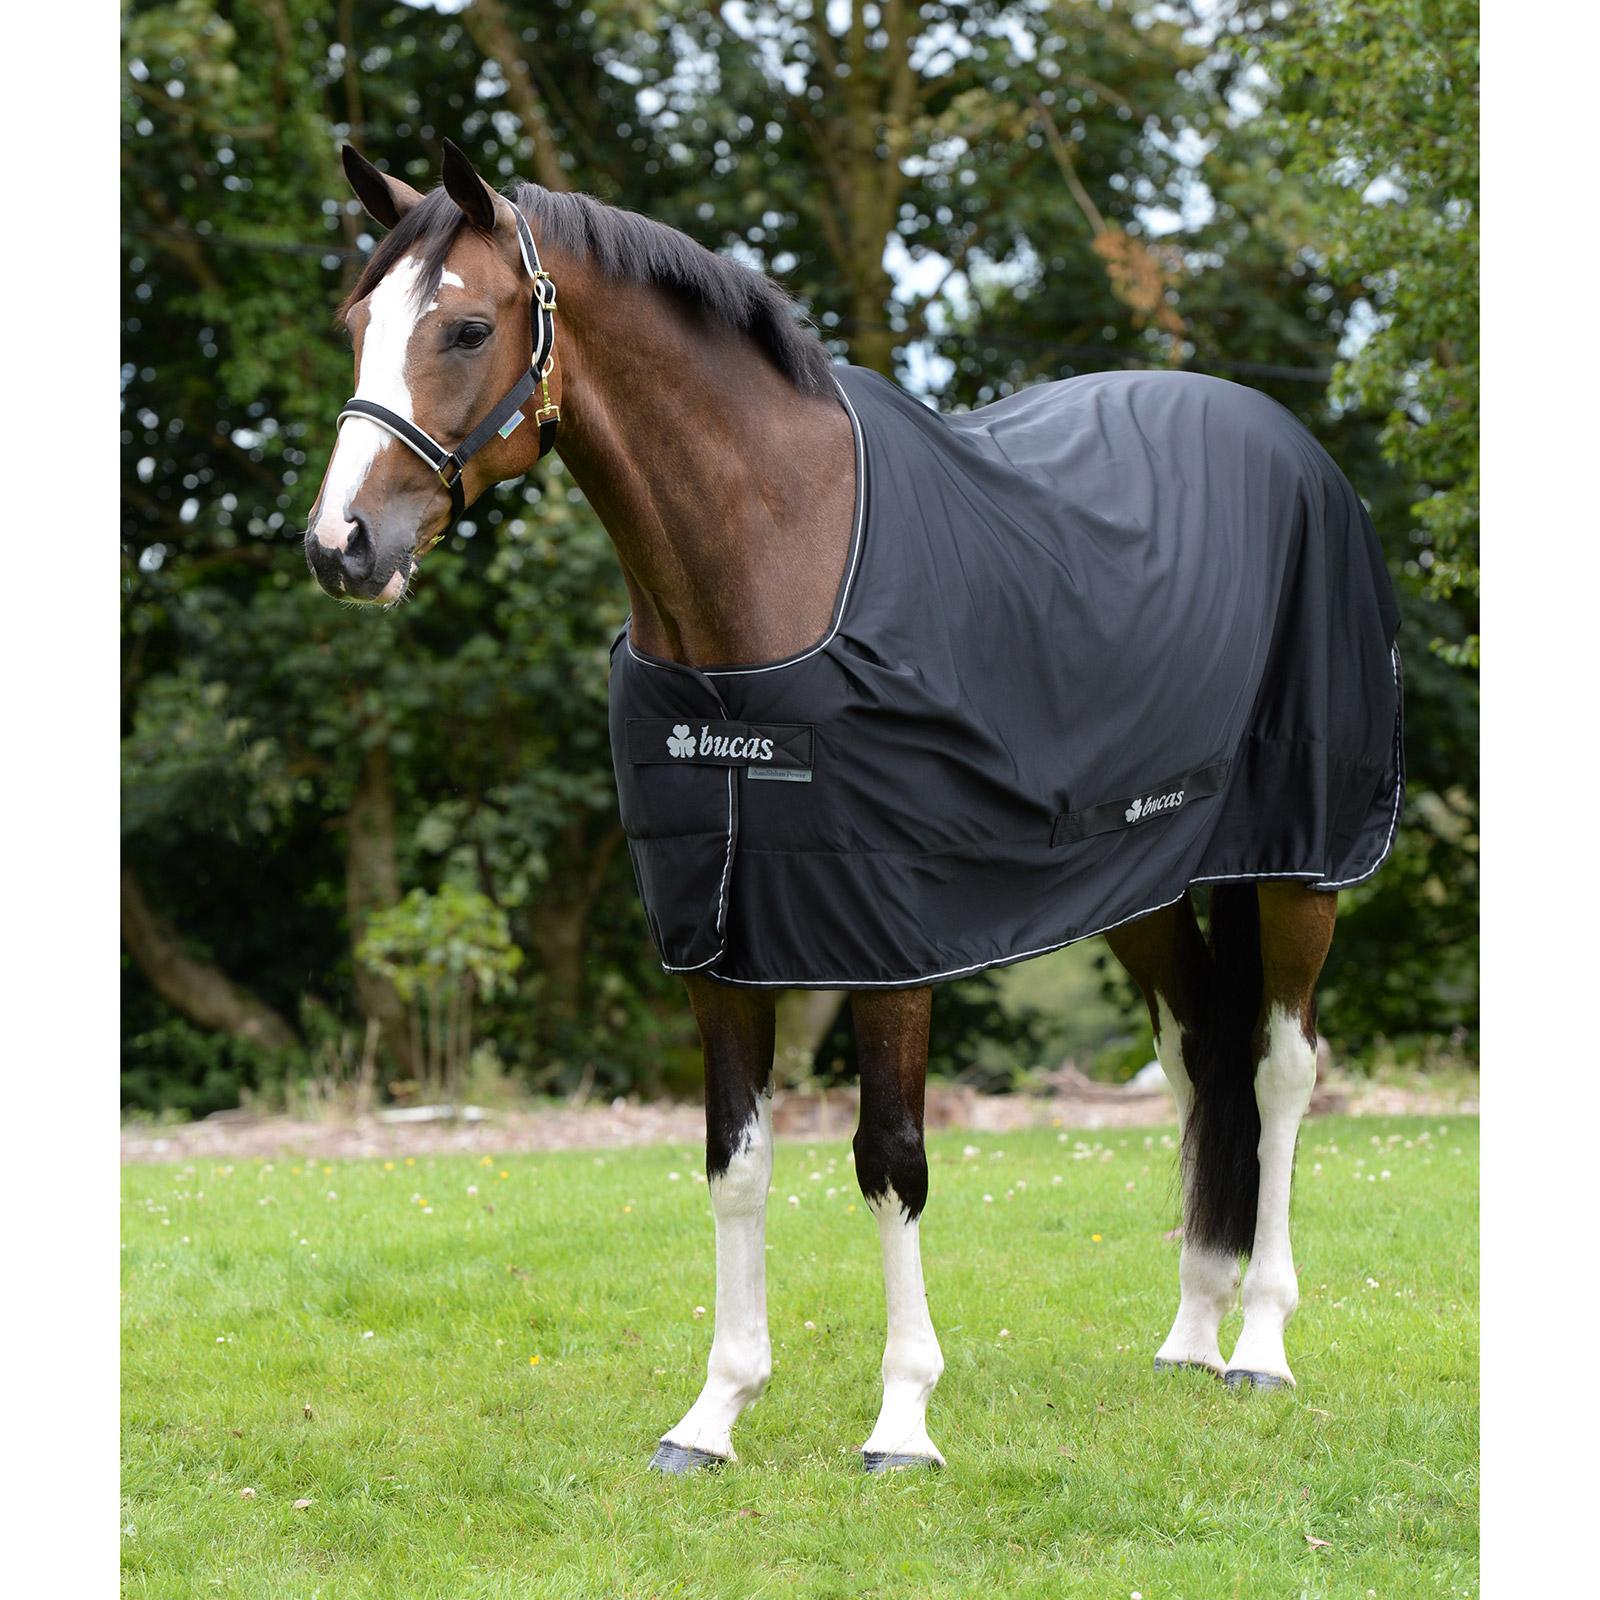 Bucas Cooler Blanket Horze